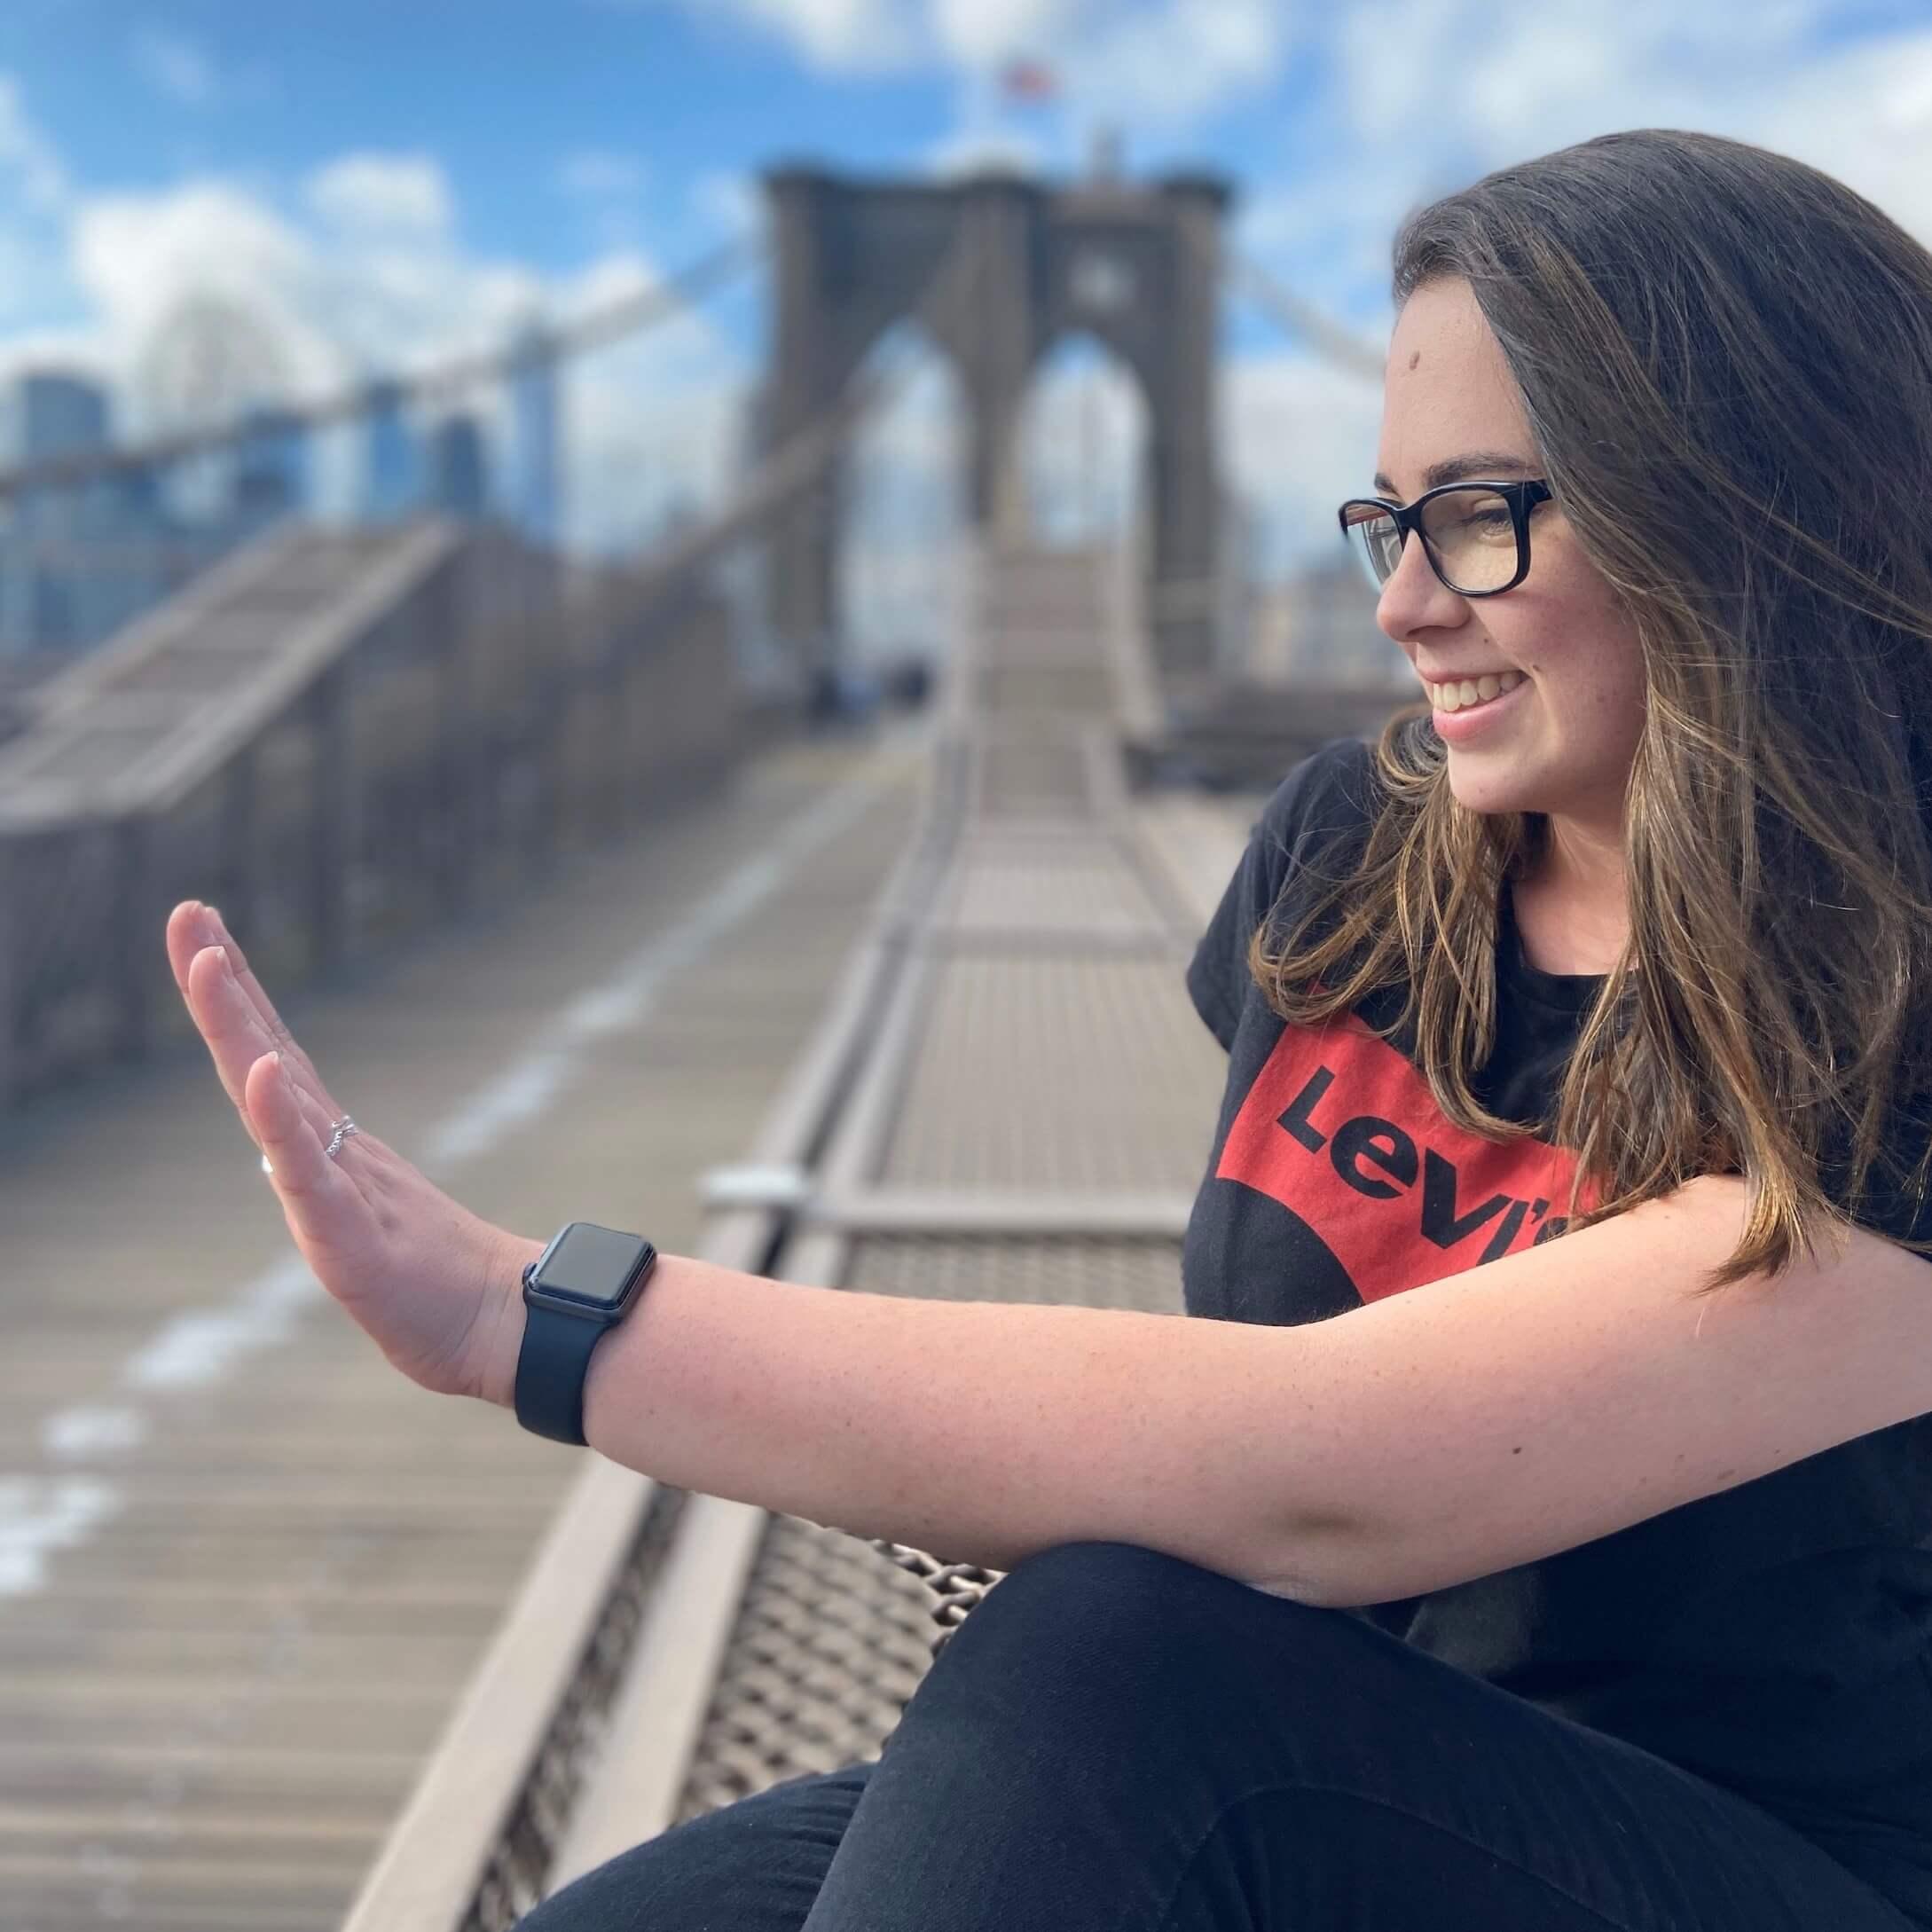 Bruna em Nova York admirando seu anel de noivado